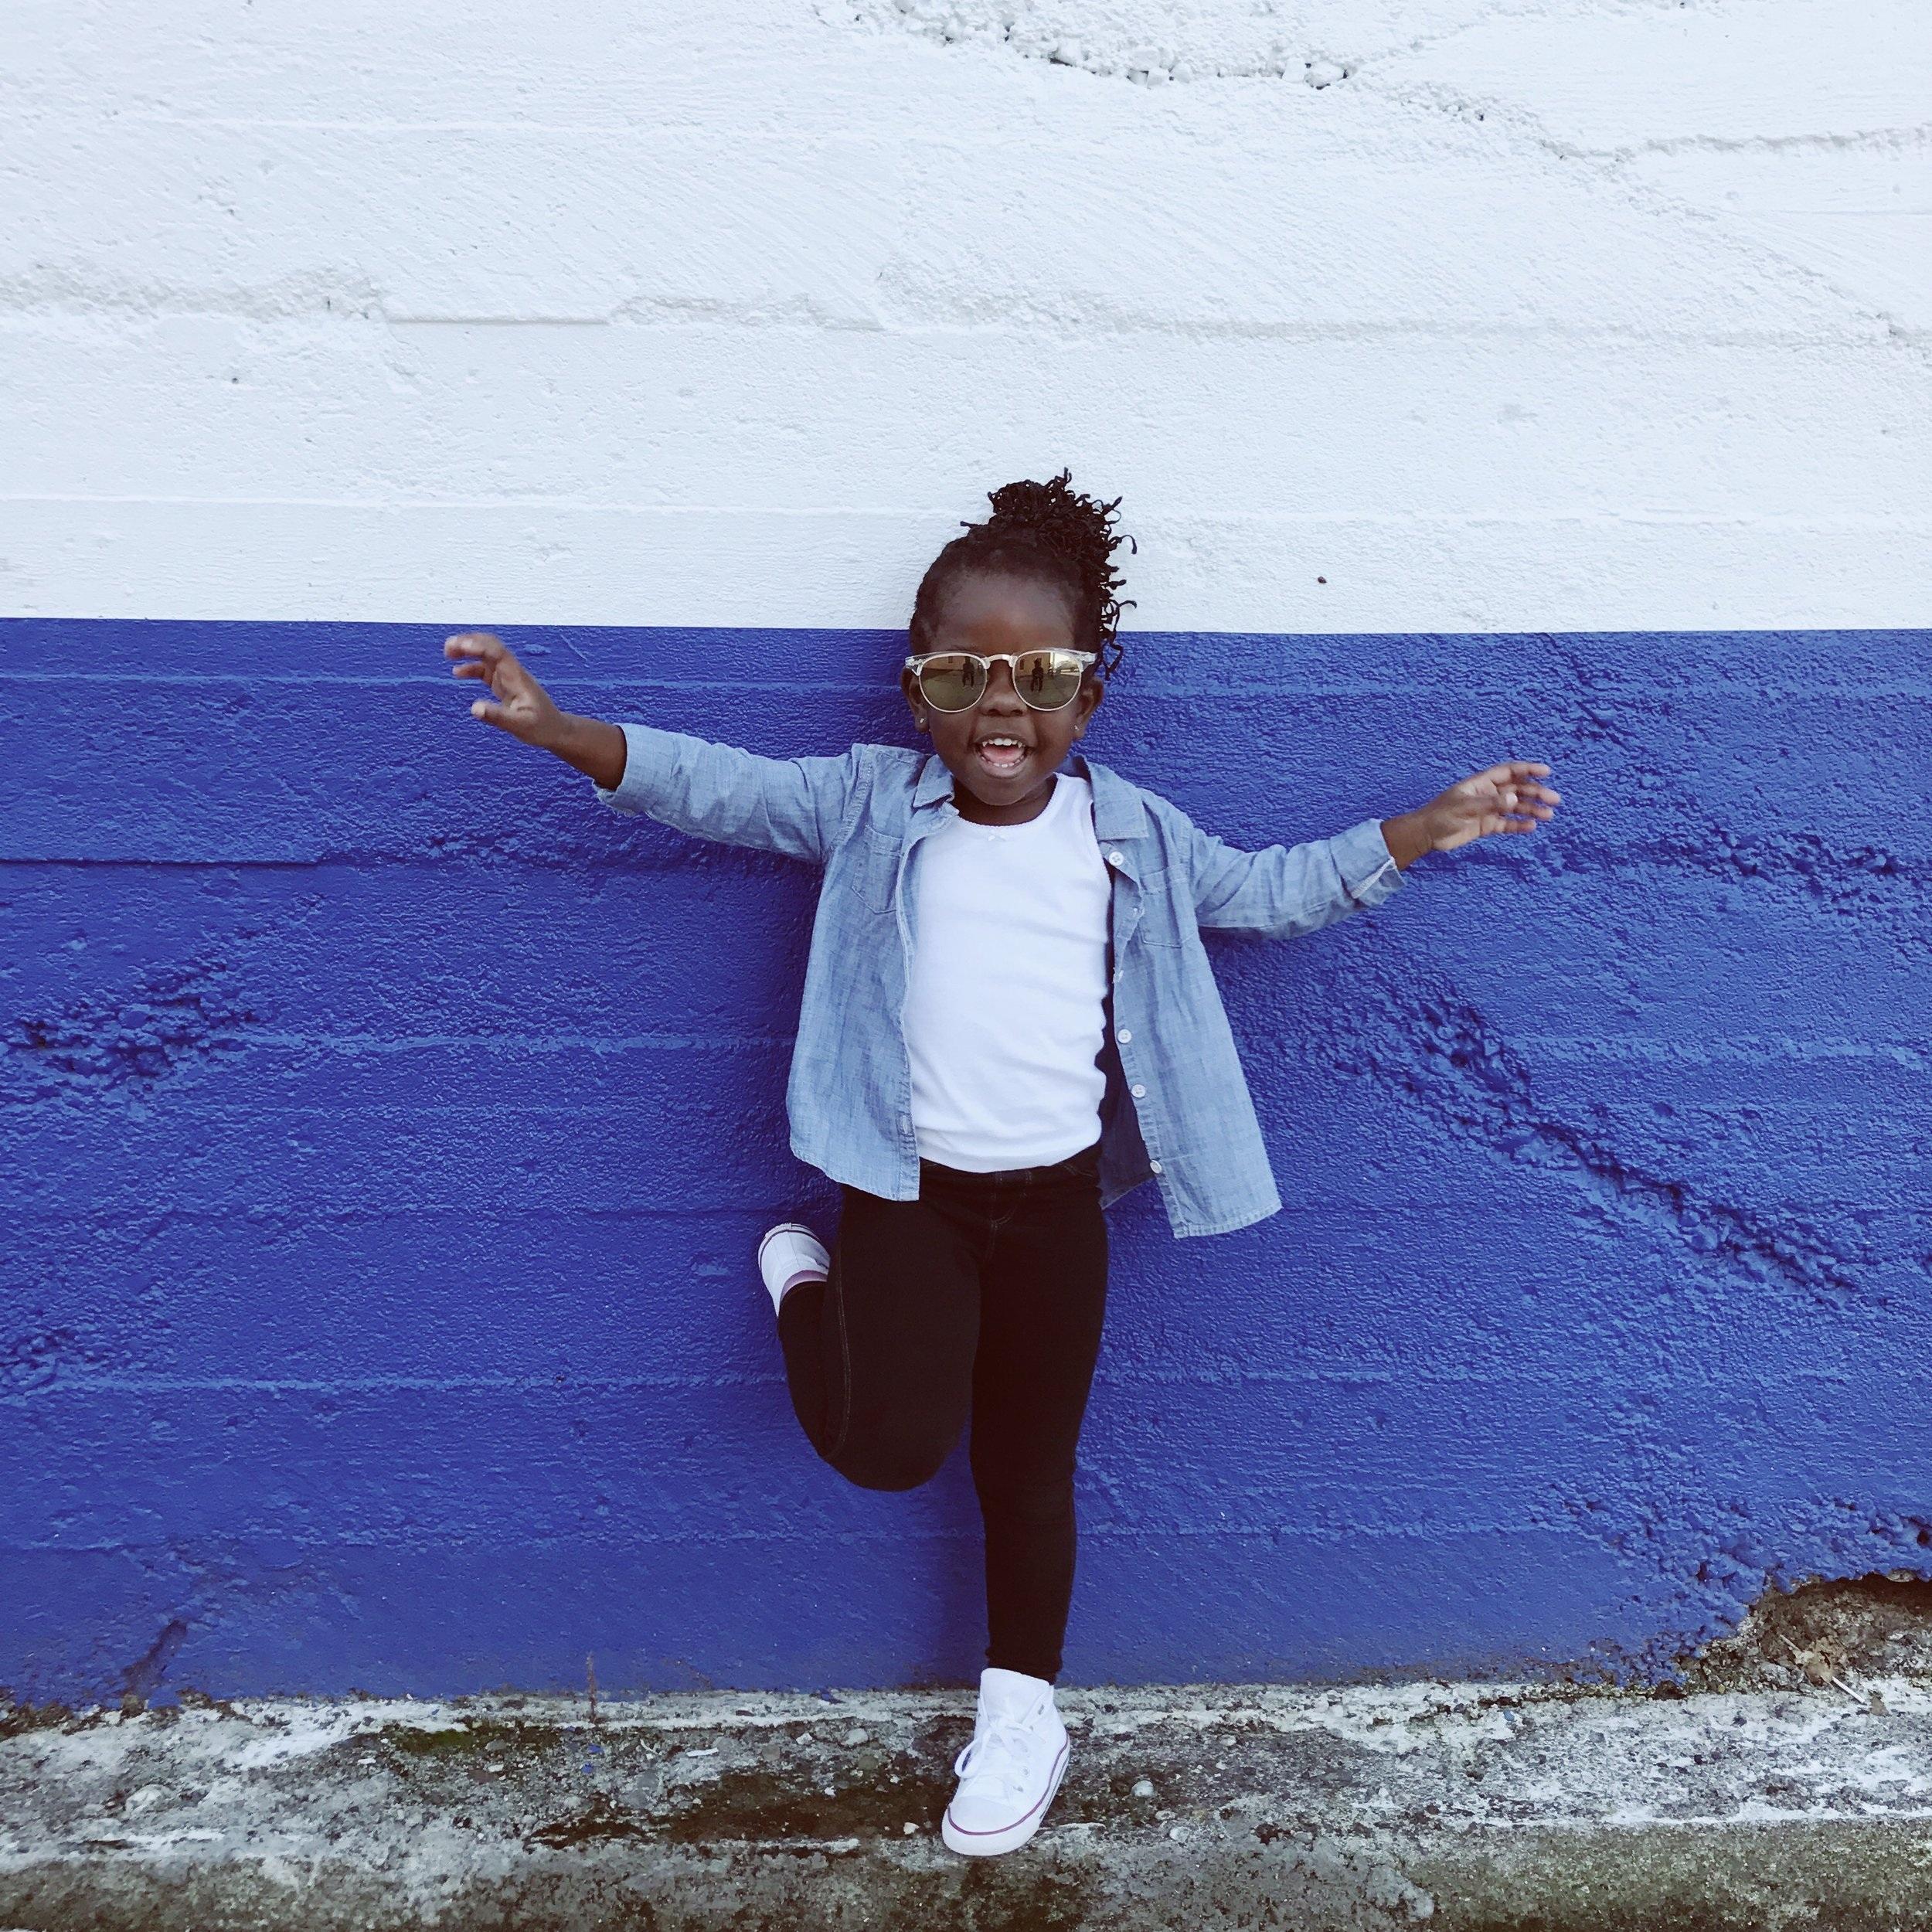 Ma mission: retrouver la petite fille curieuse que j'etais. PHOTO de  KIANA BOSMAN  via  UNSPLASH